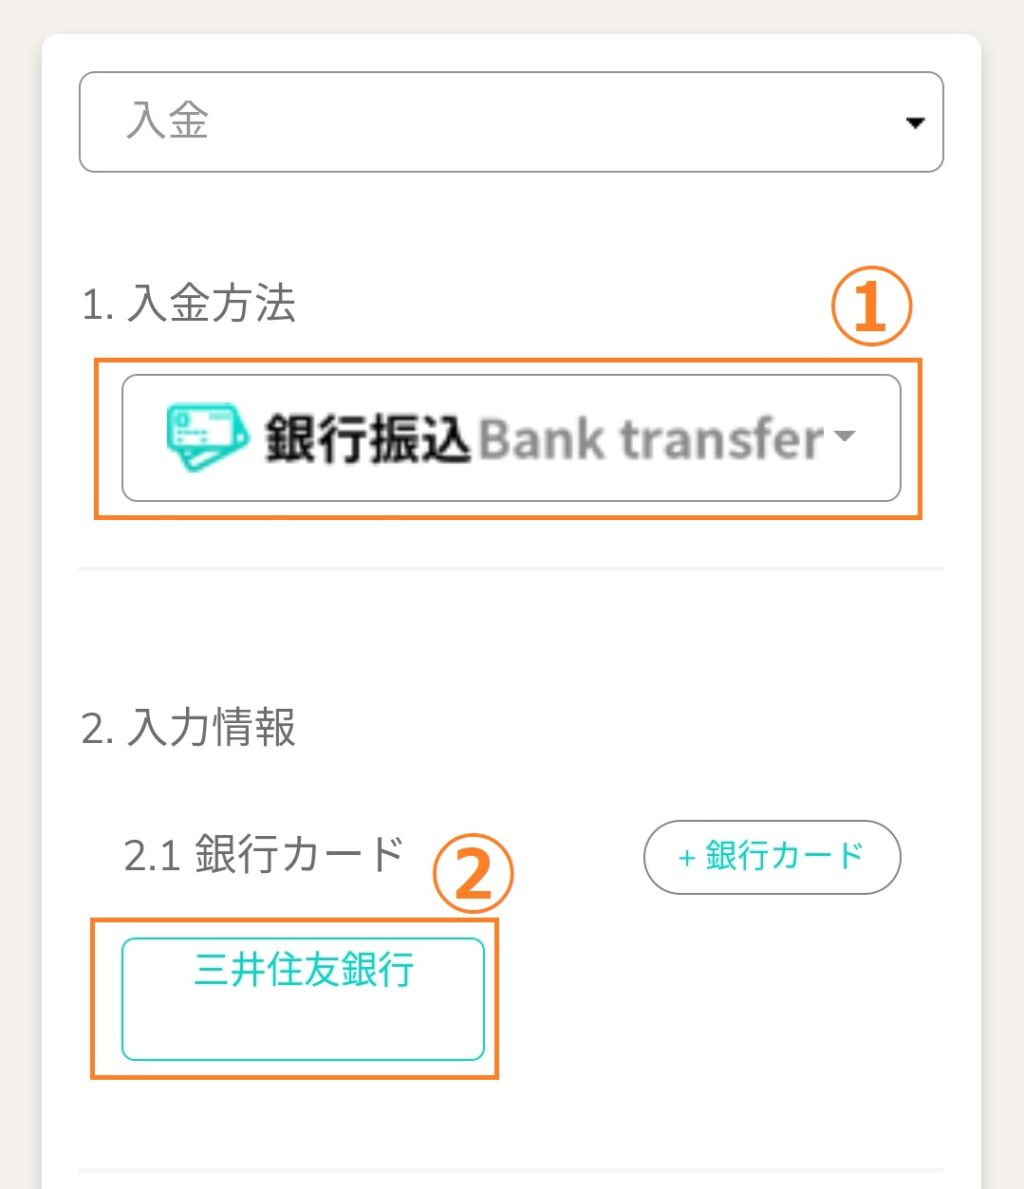 ユースカジノ 銀行振込